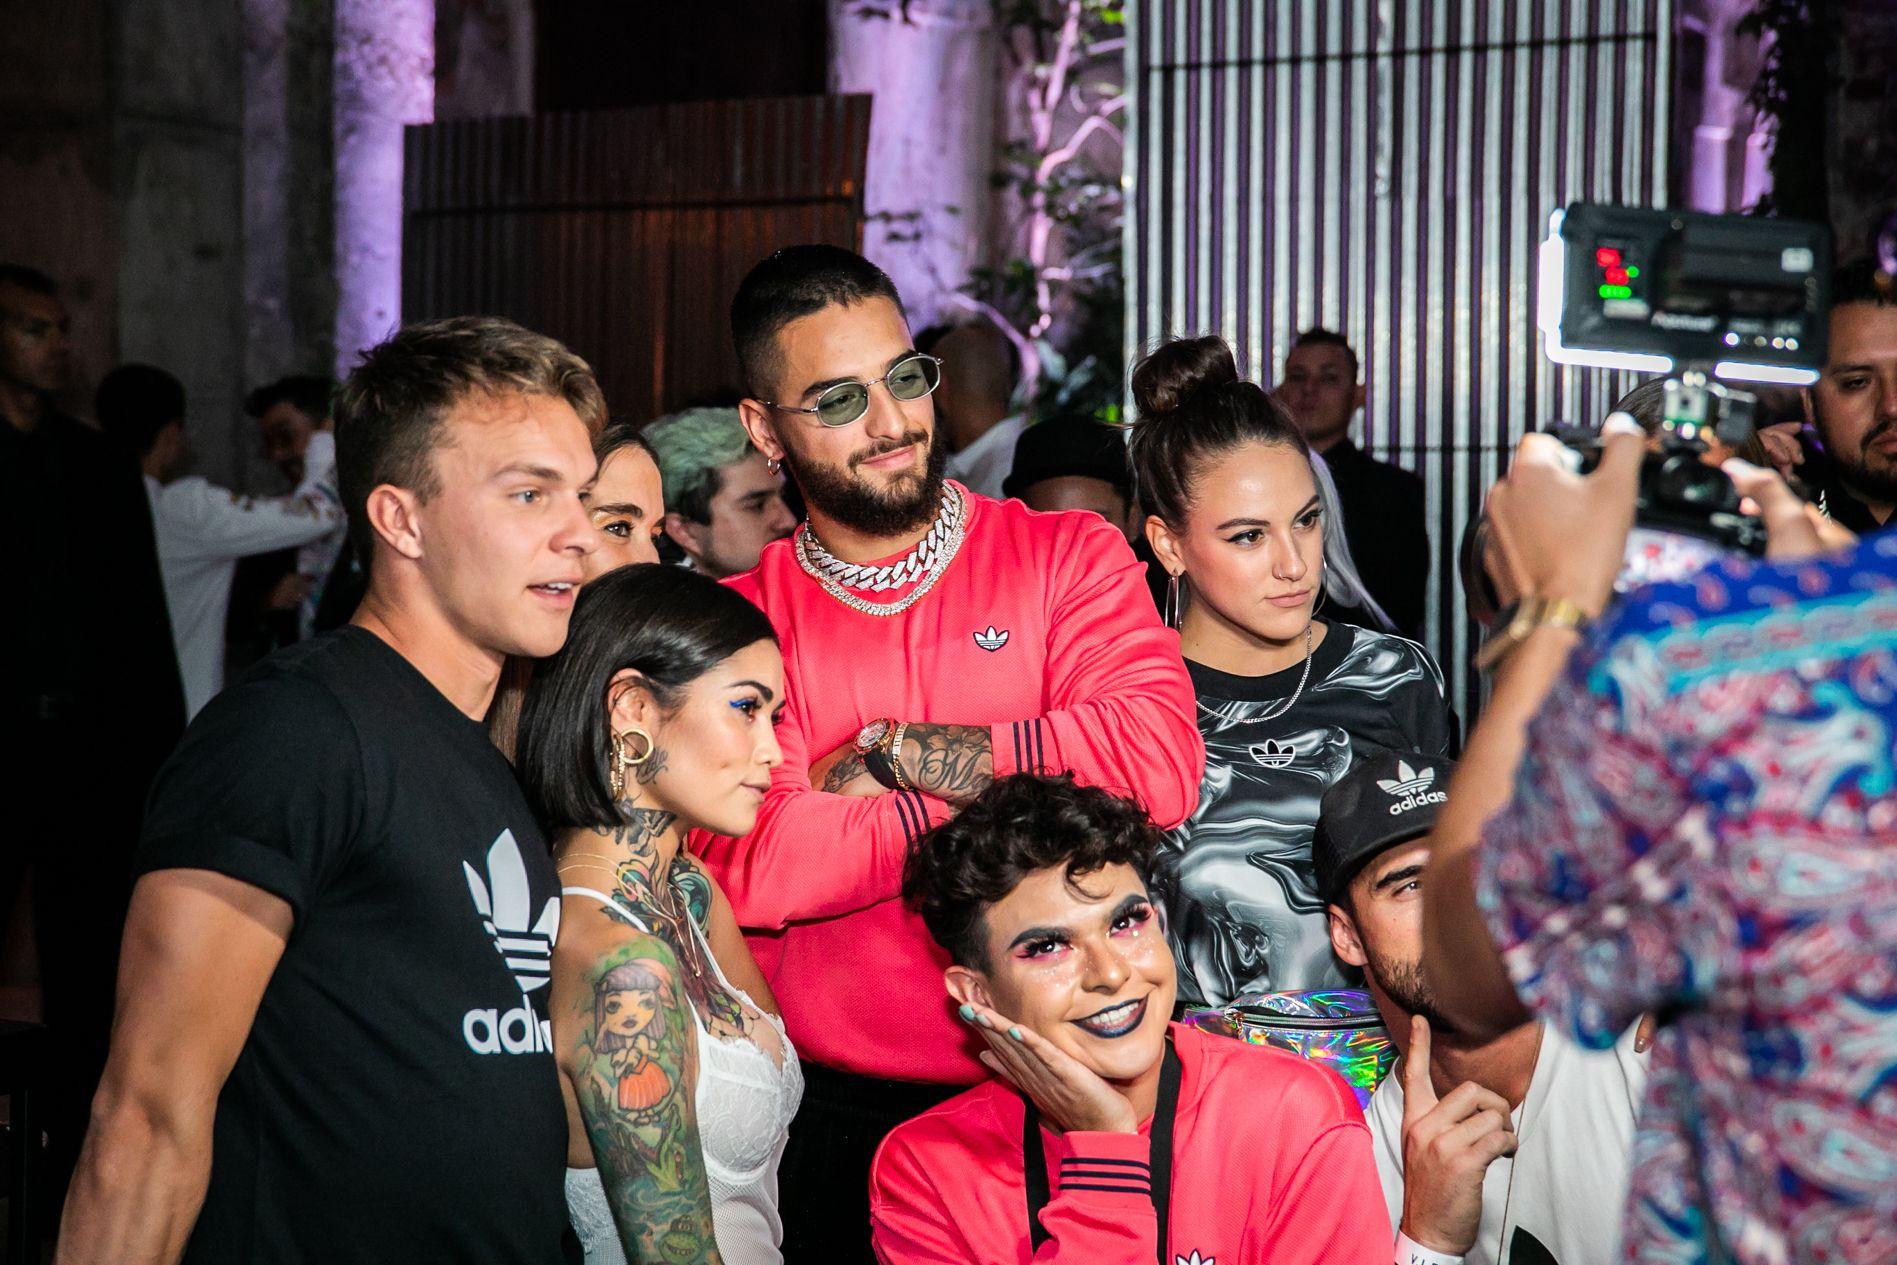 Fiesta Nite Jogger de Adidas Originals Ciudad de México